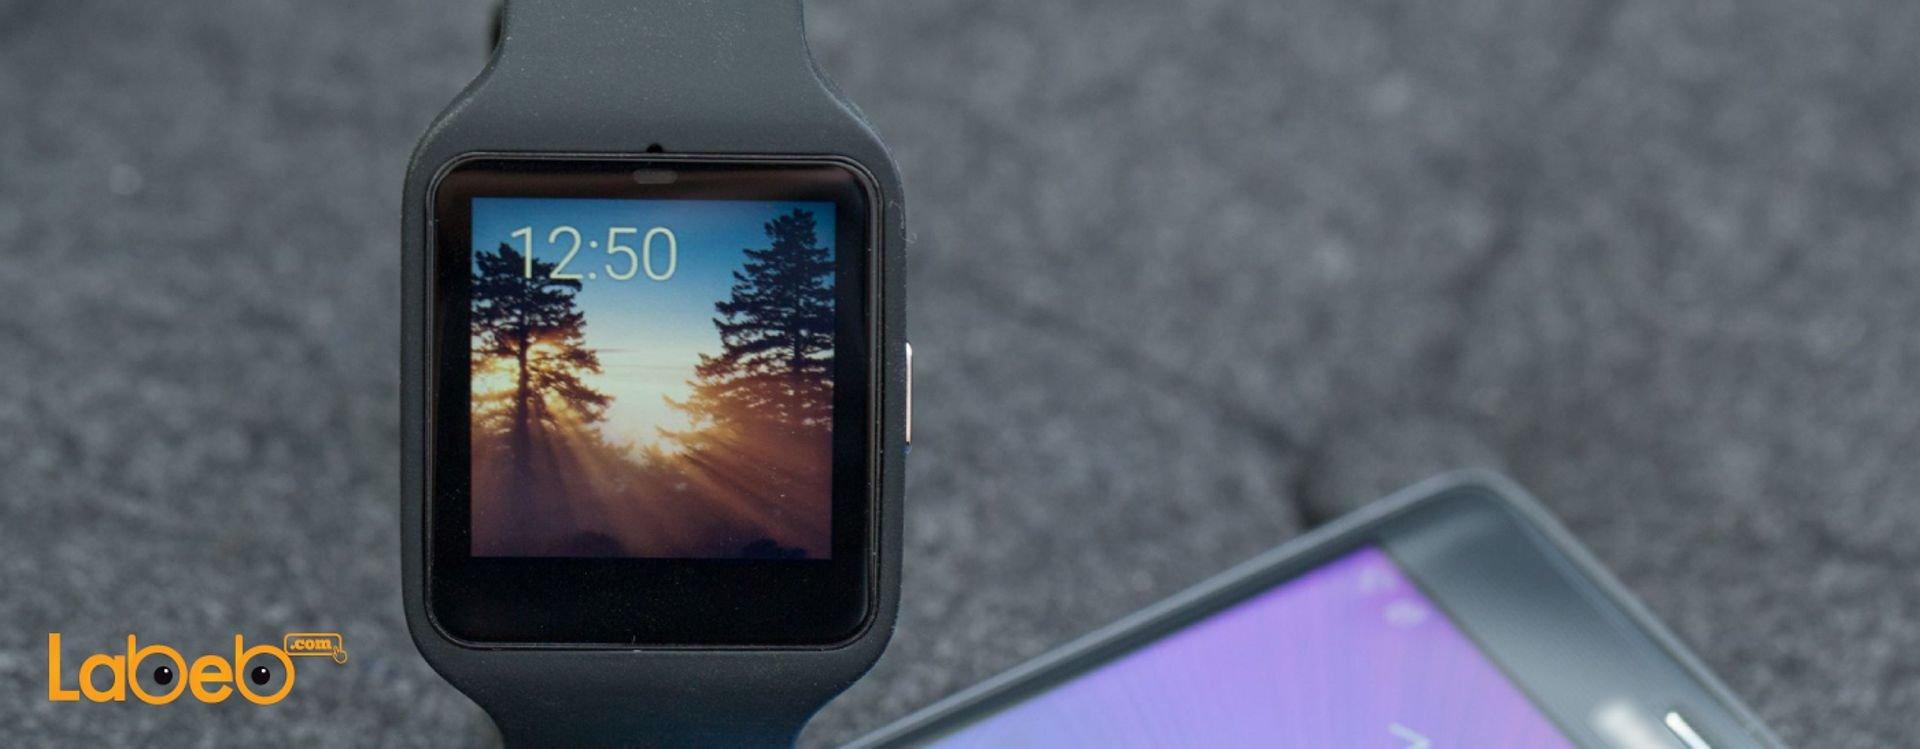 مع تنوّع ماركات وأنواع الساعات الذكية في الأسواق، بات من الصعب على المستخدم اختيار الساعة الذكية التي تناسبه